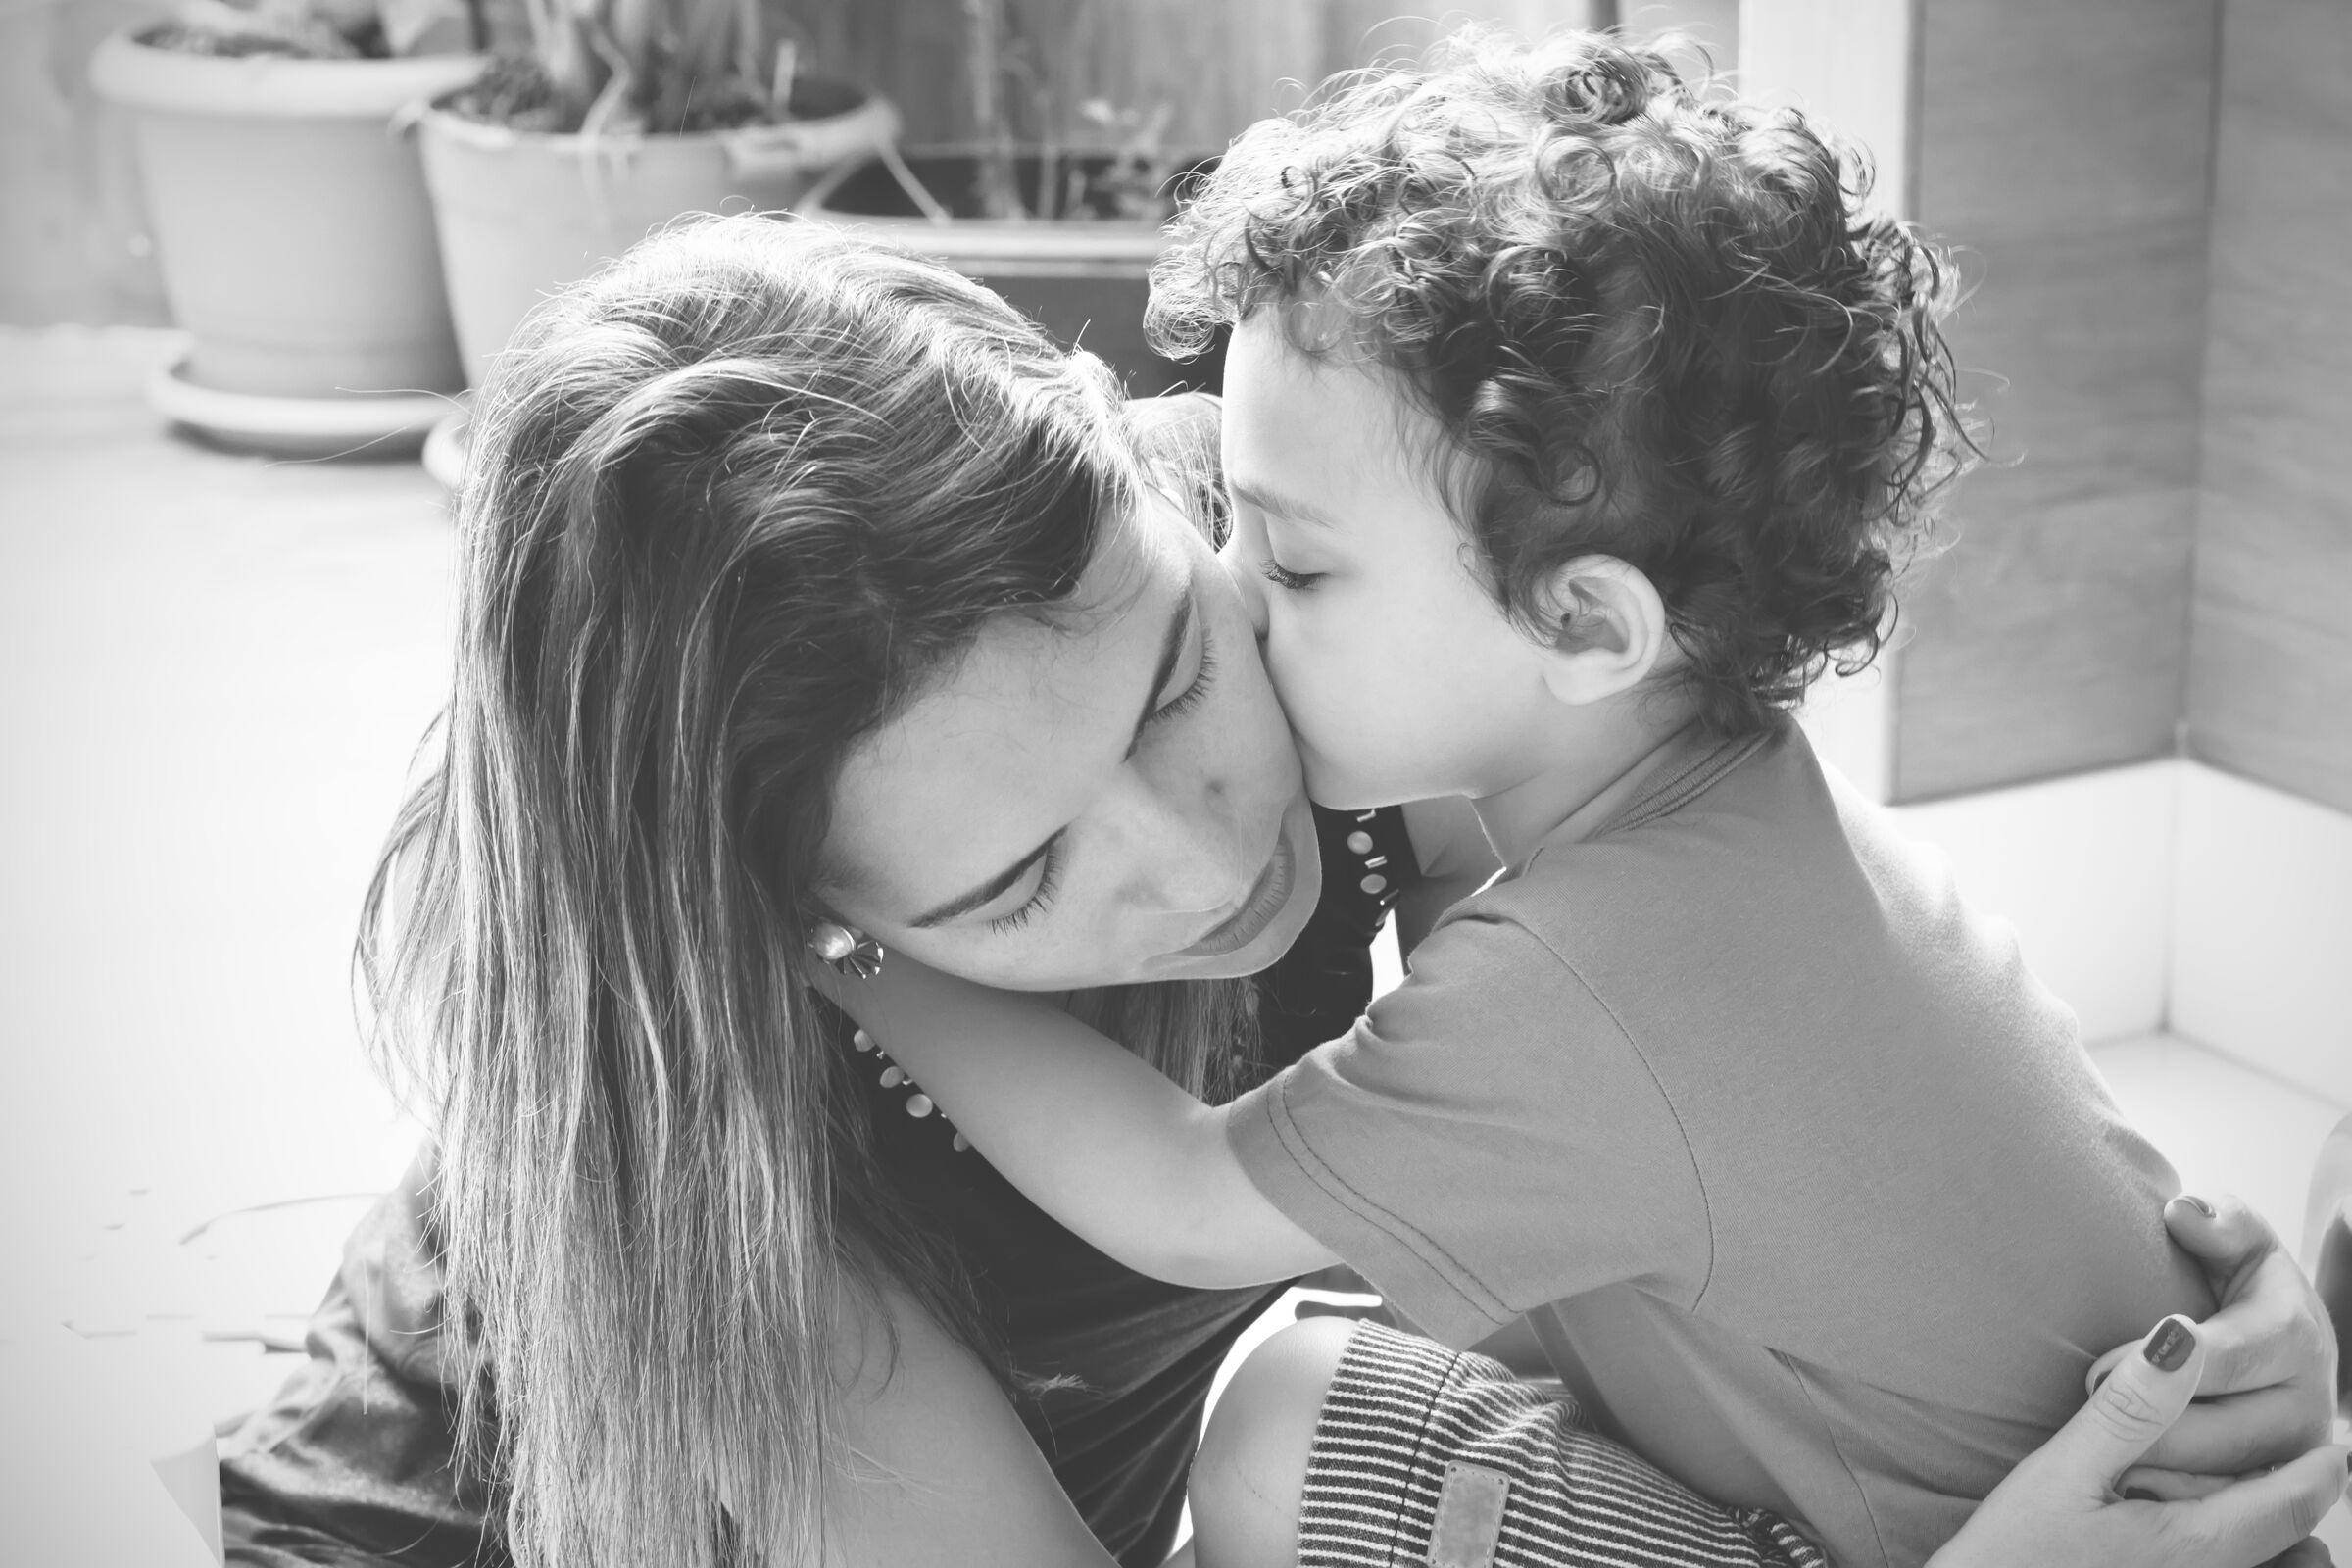 Criança de 2 anos dando beijo na mãe